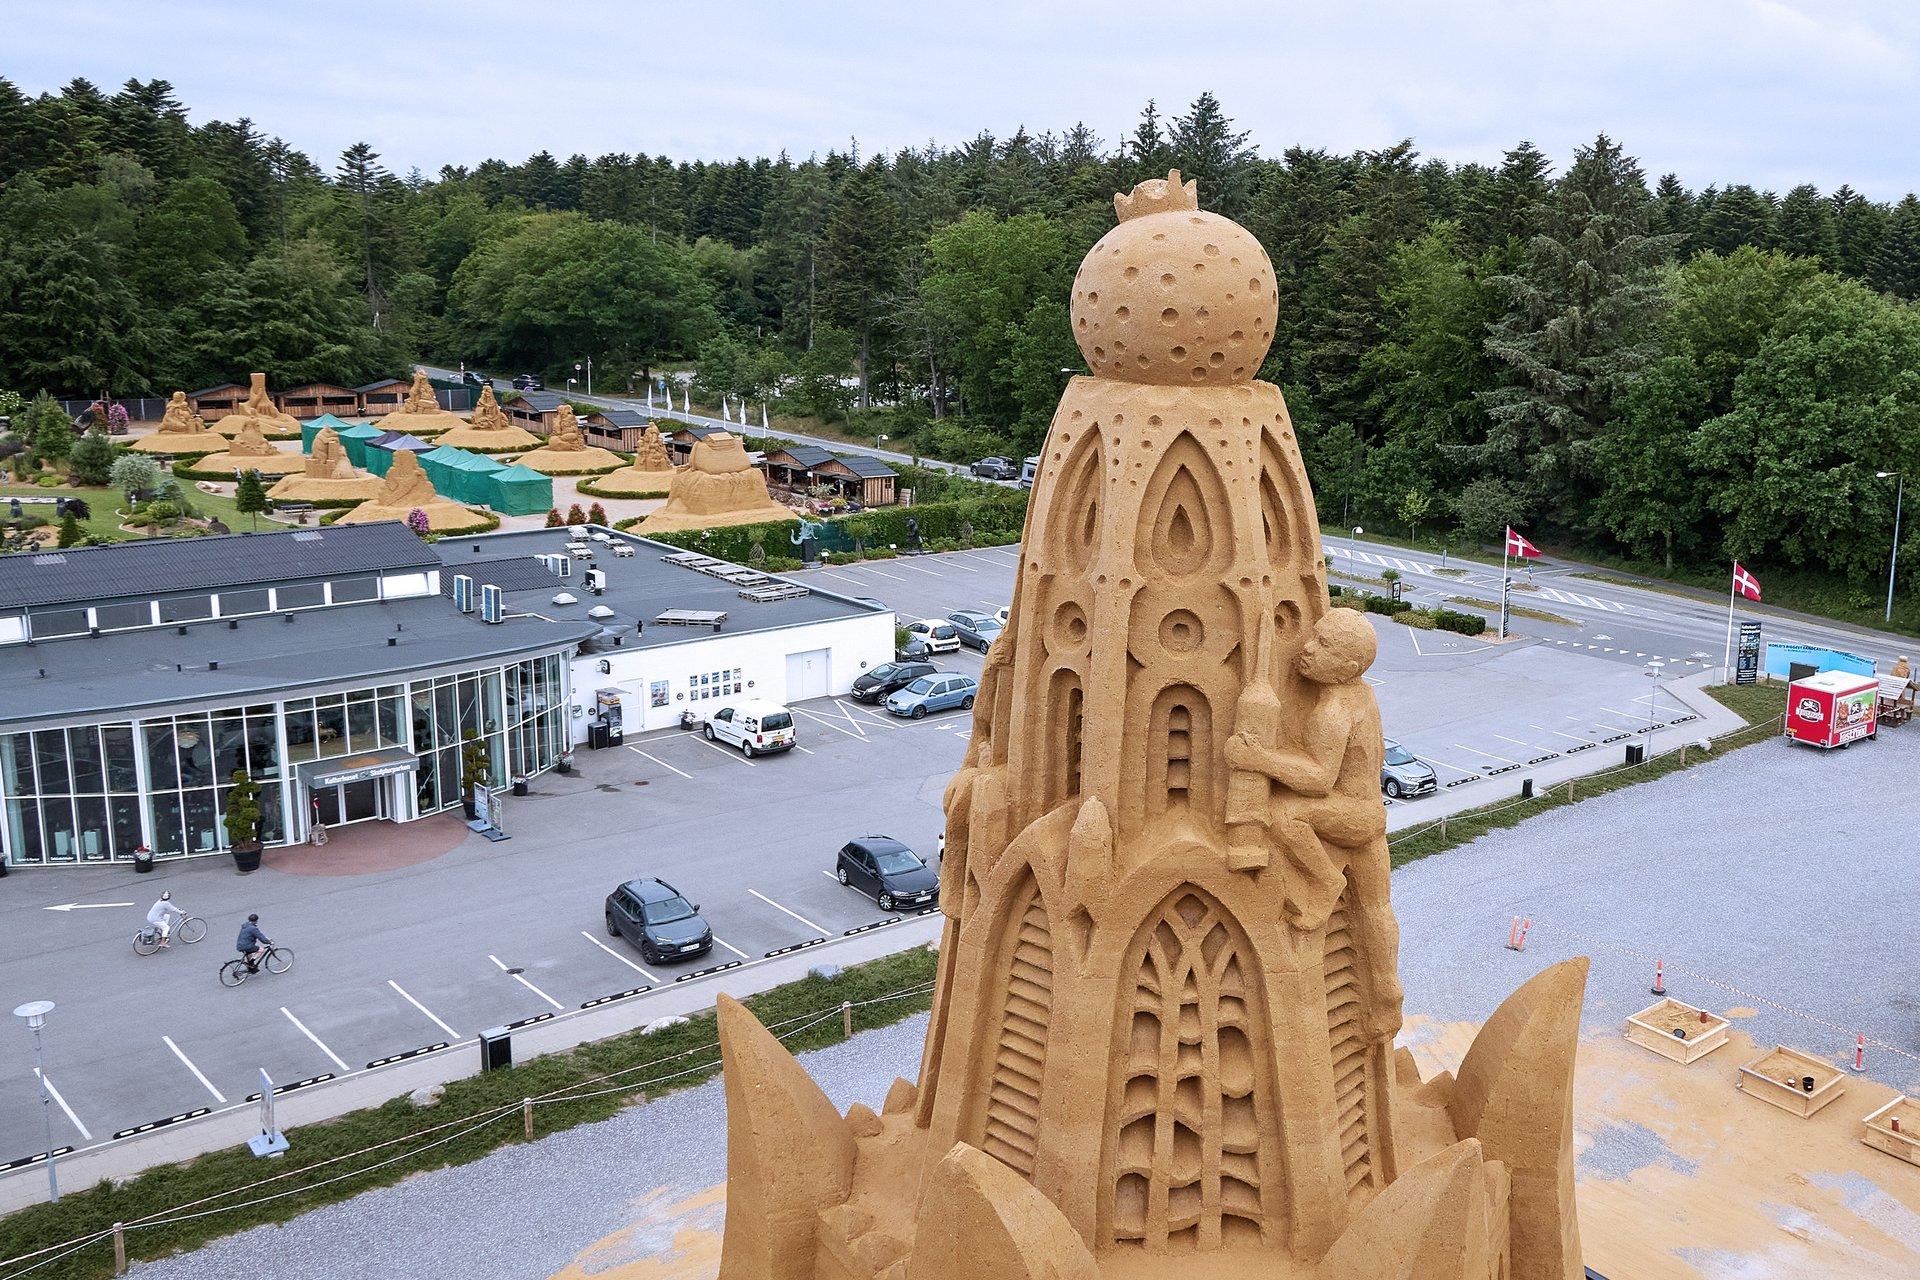 Så er det officielt: Sandslottet i Blokhus er verdens største